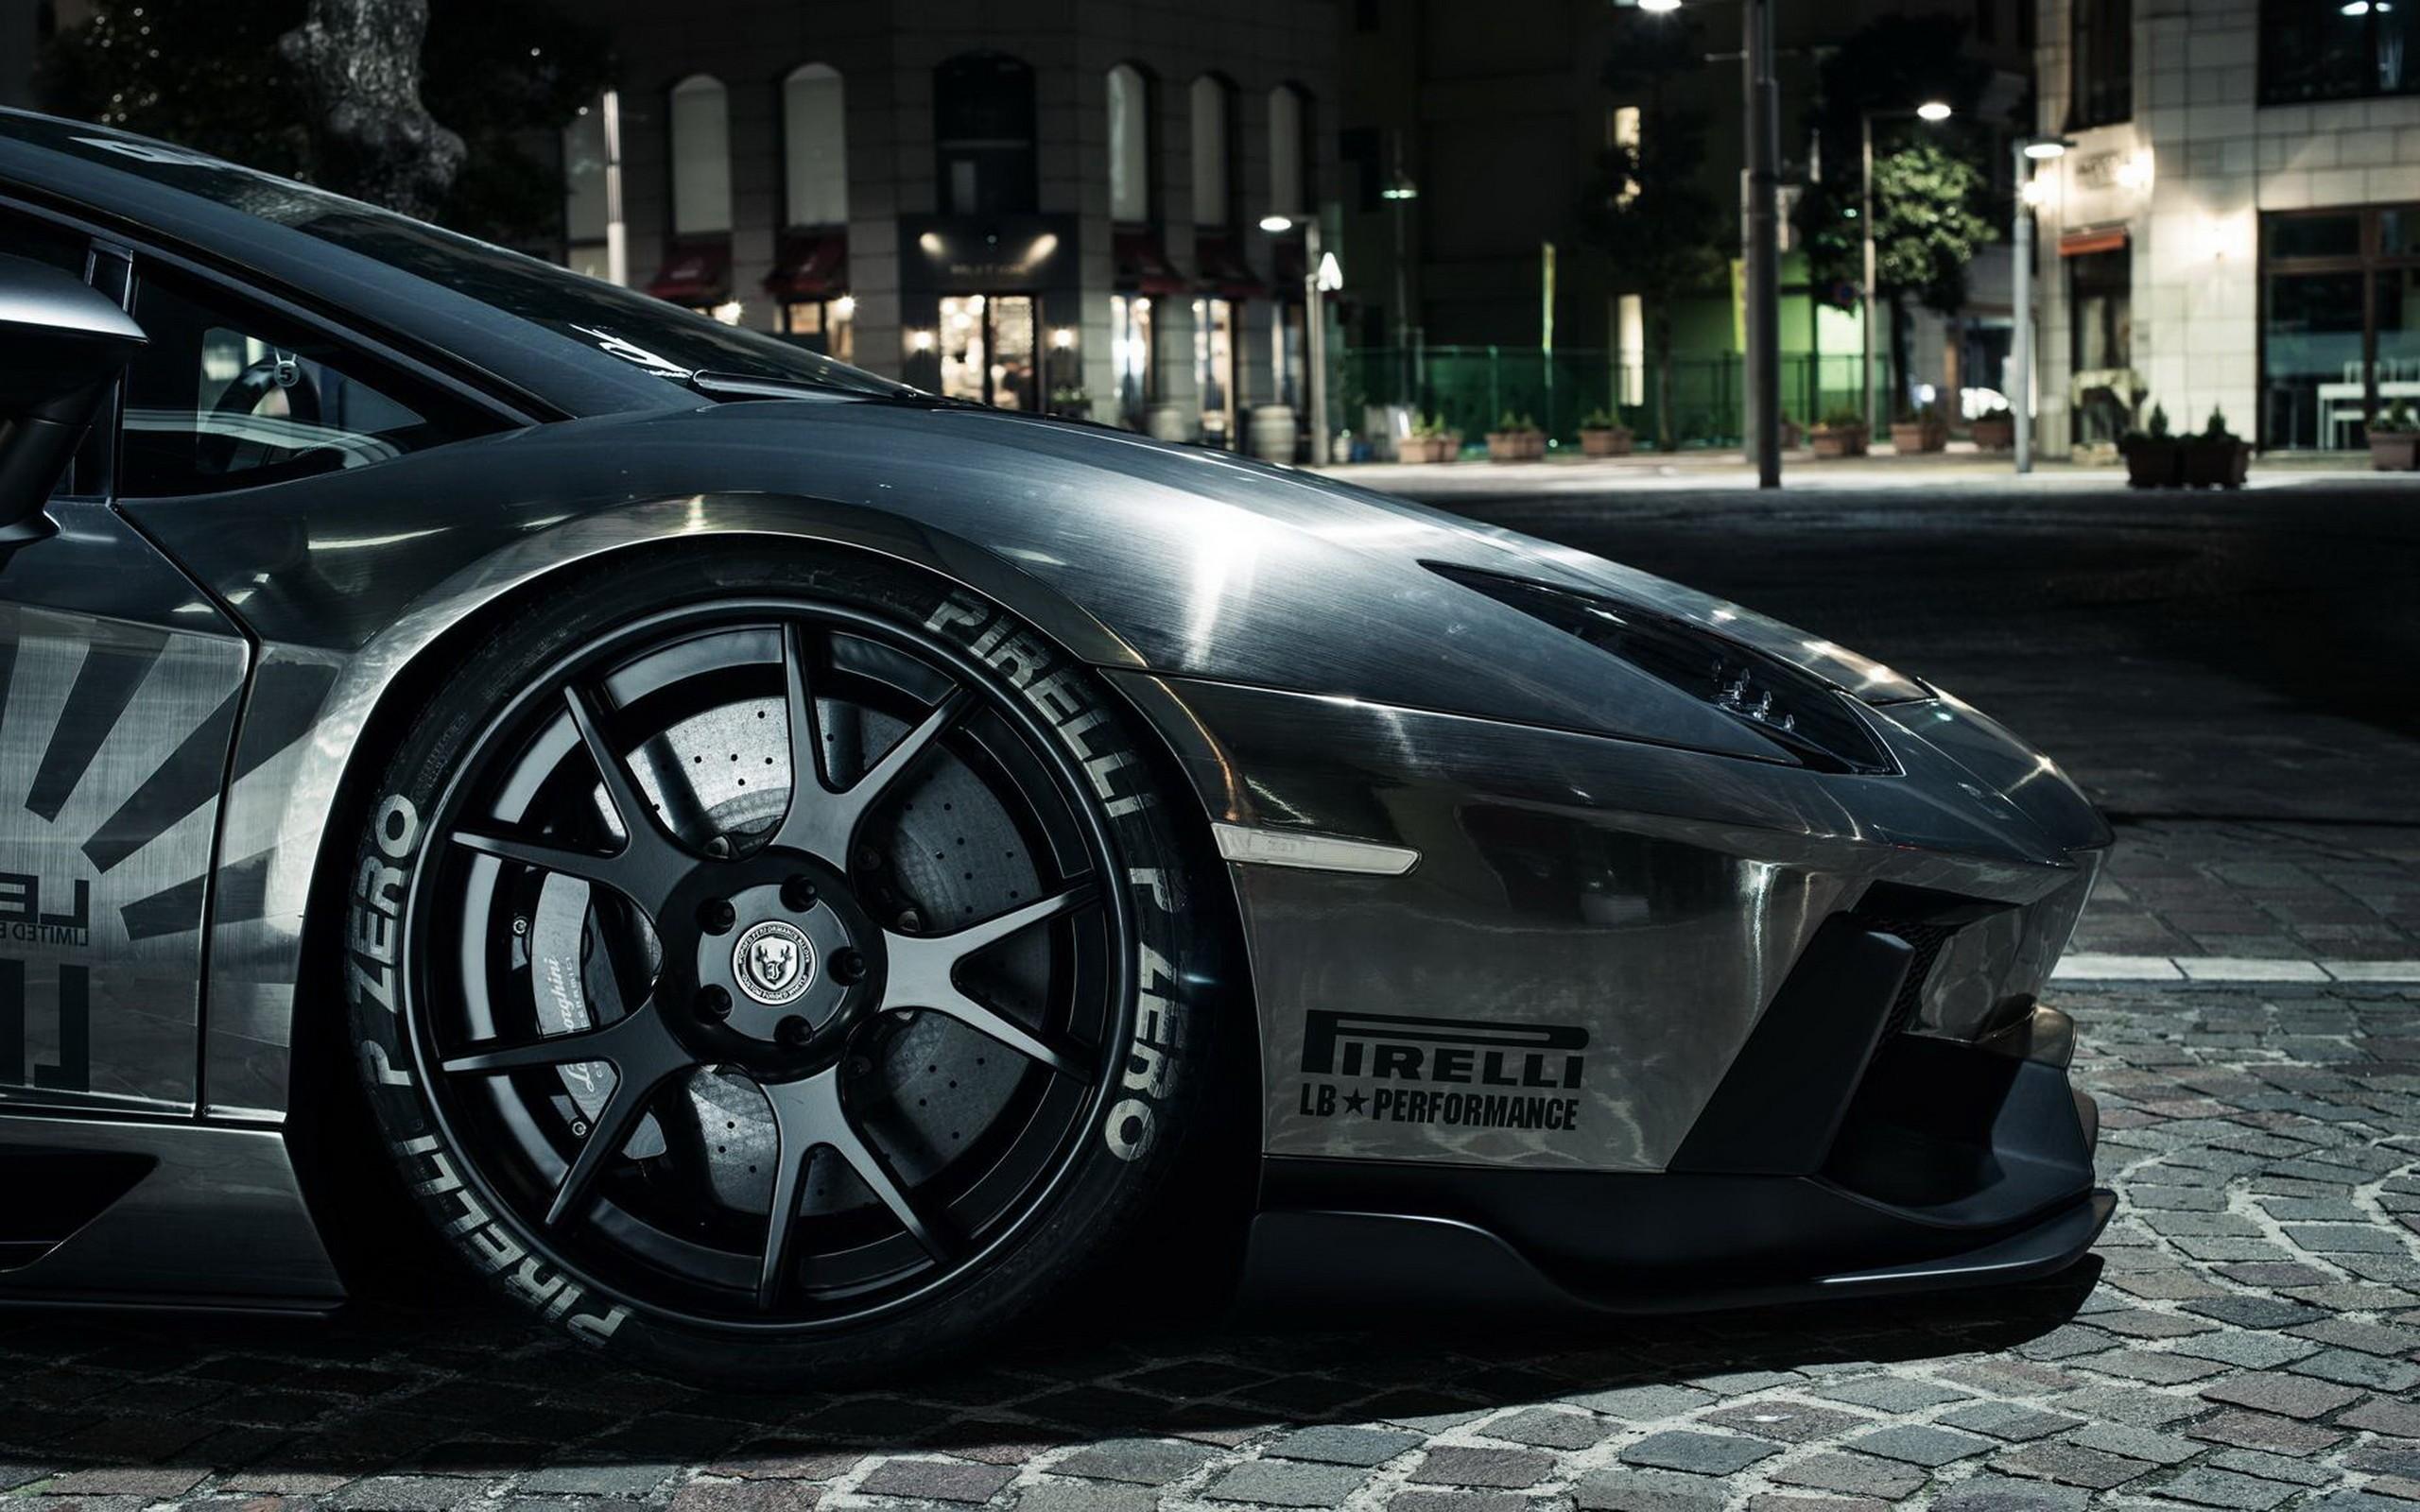 Lamborghini Aventador Pirelli Tyres Hd Cars 4k Wallpapers Images